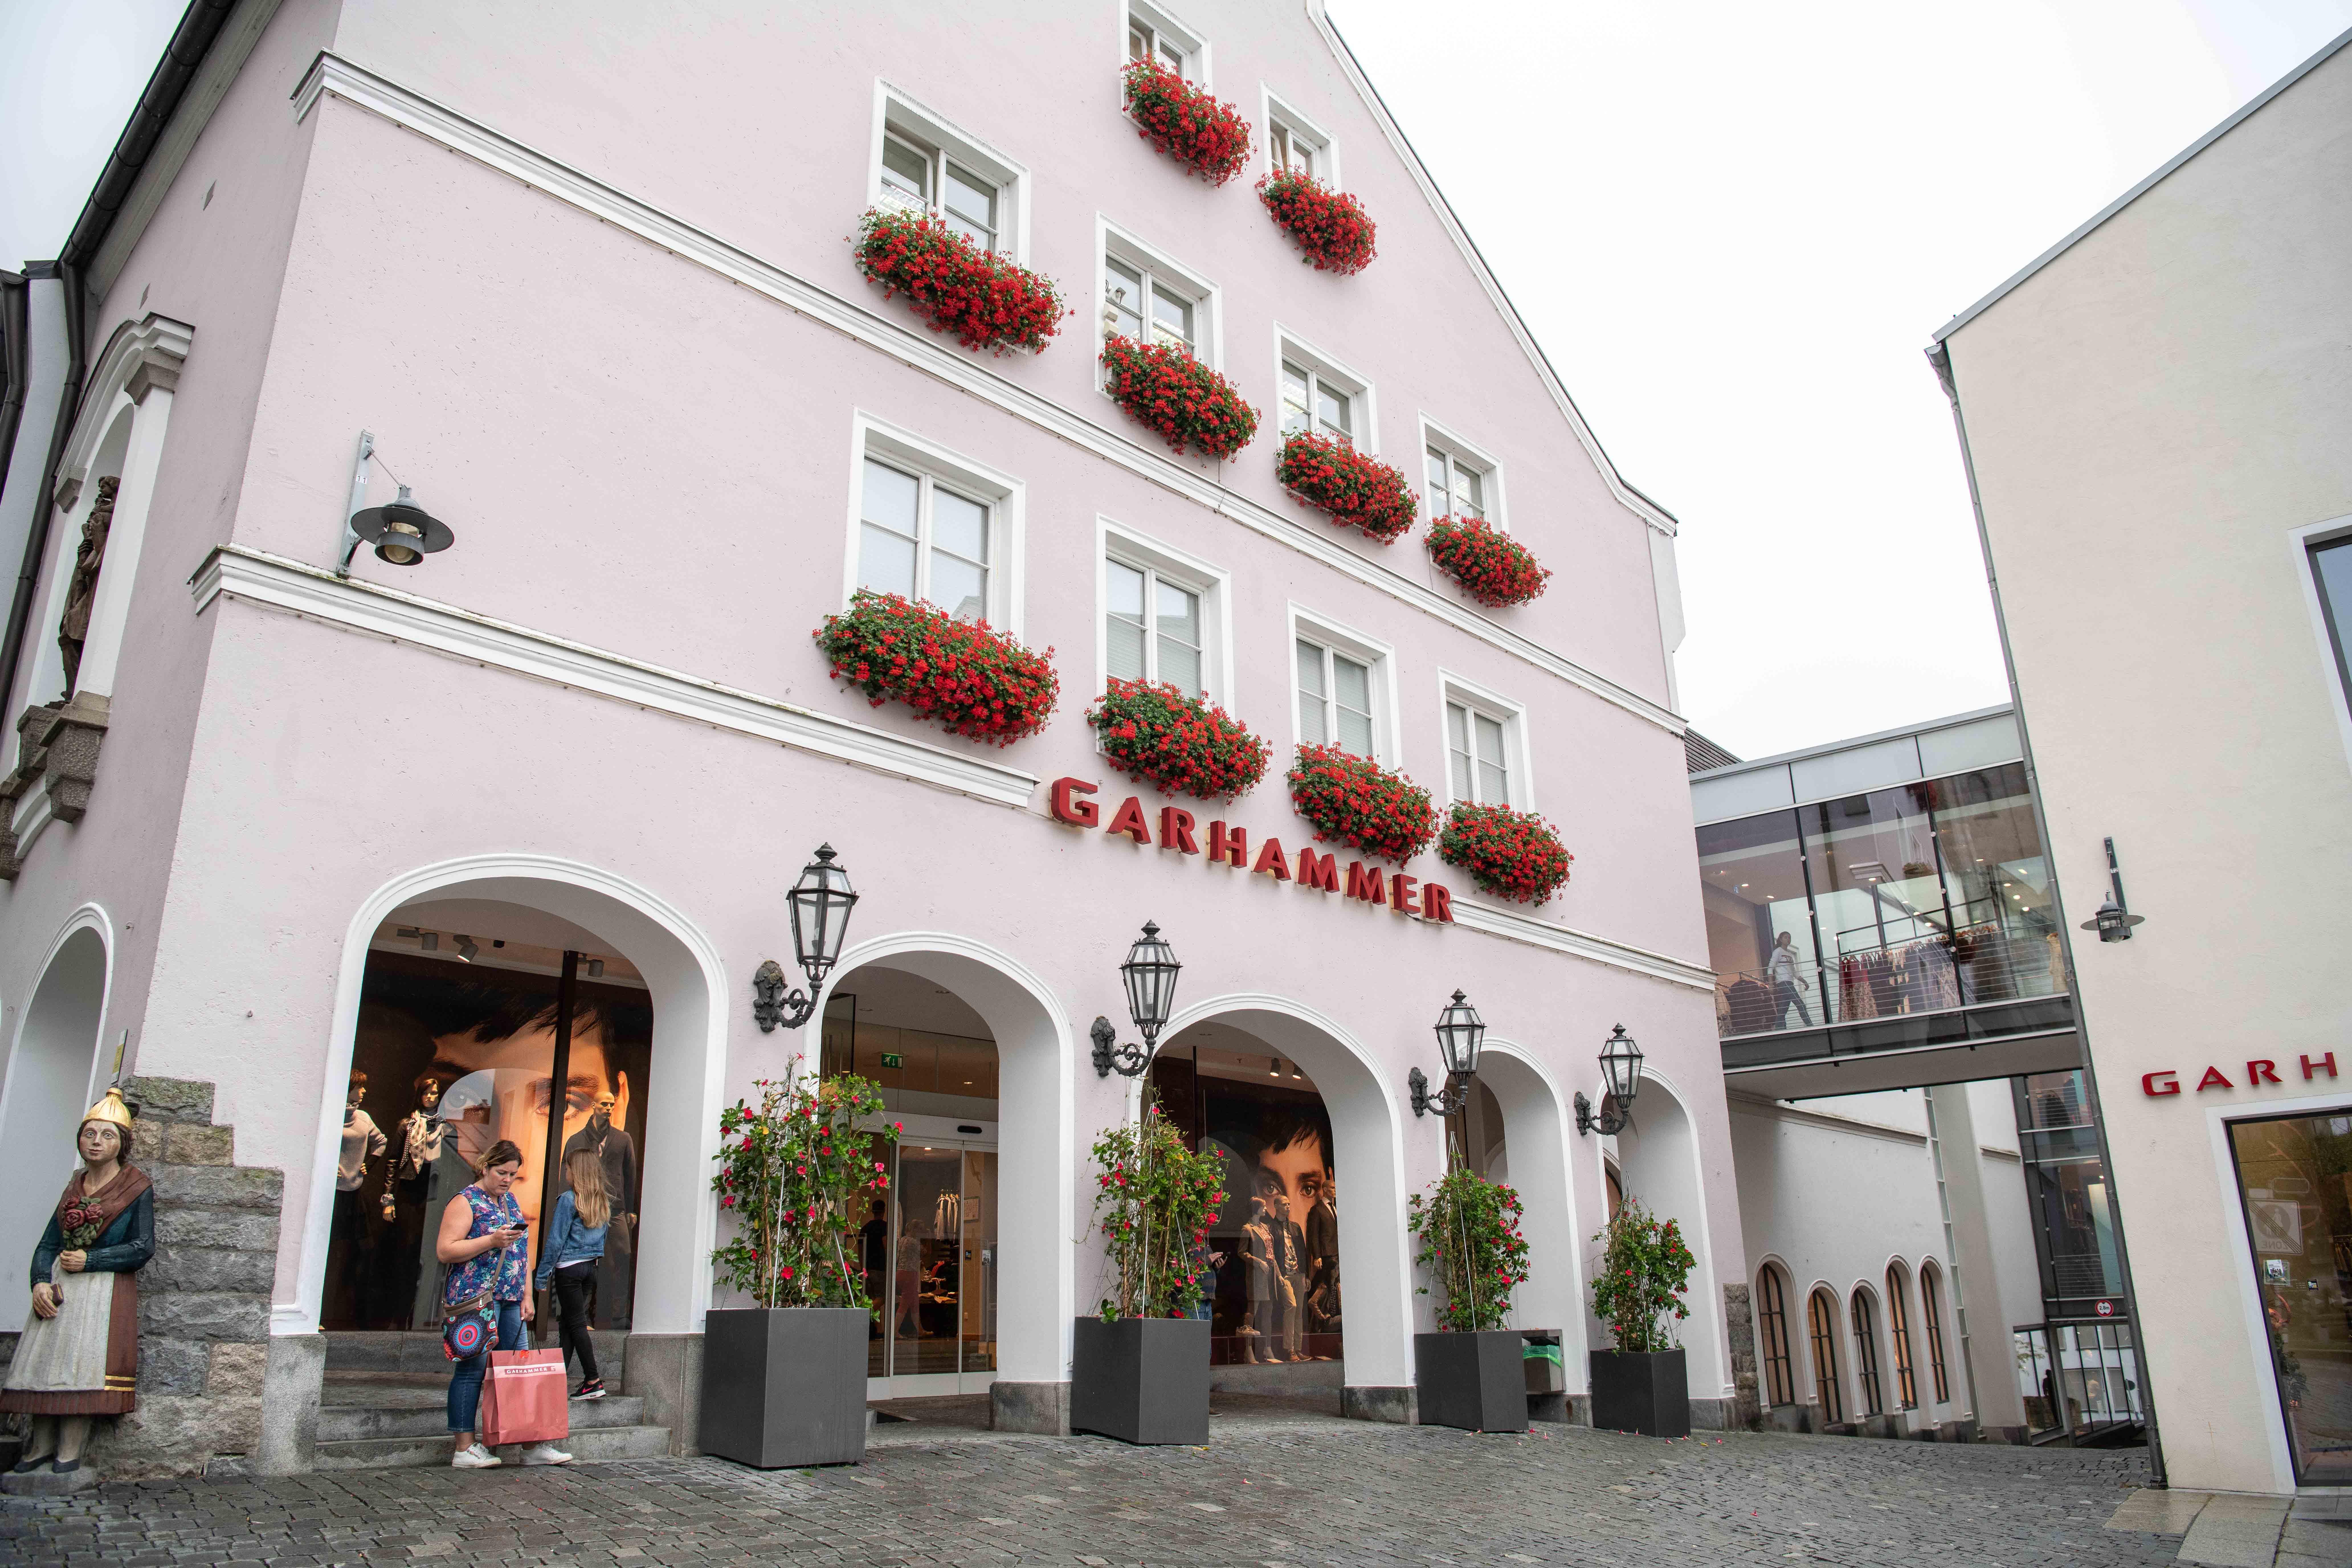 Restaurant Johanns Waldkirchen Außenansicht Modehaus Garhammer